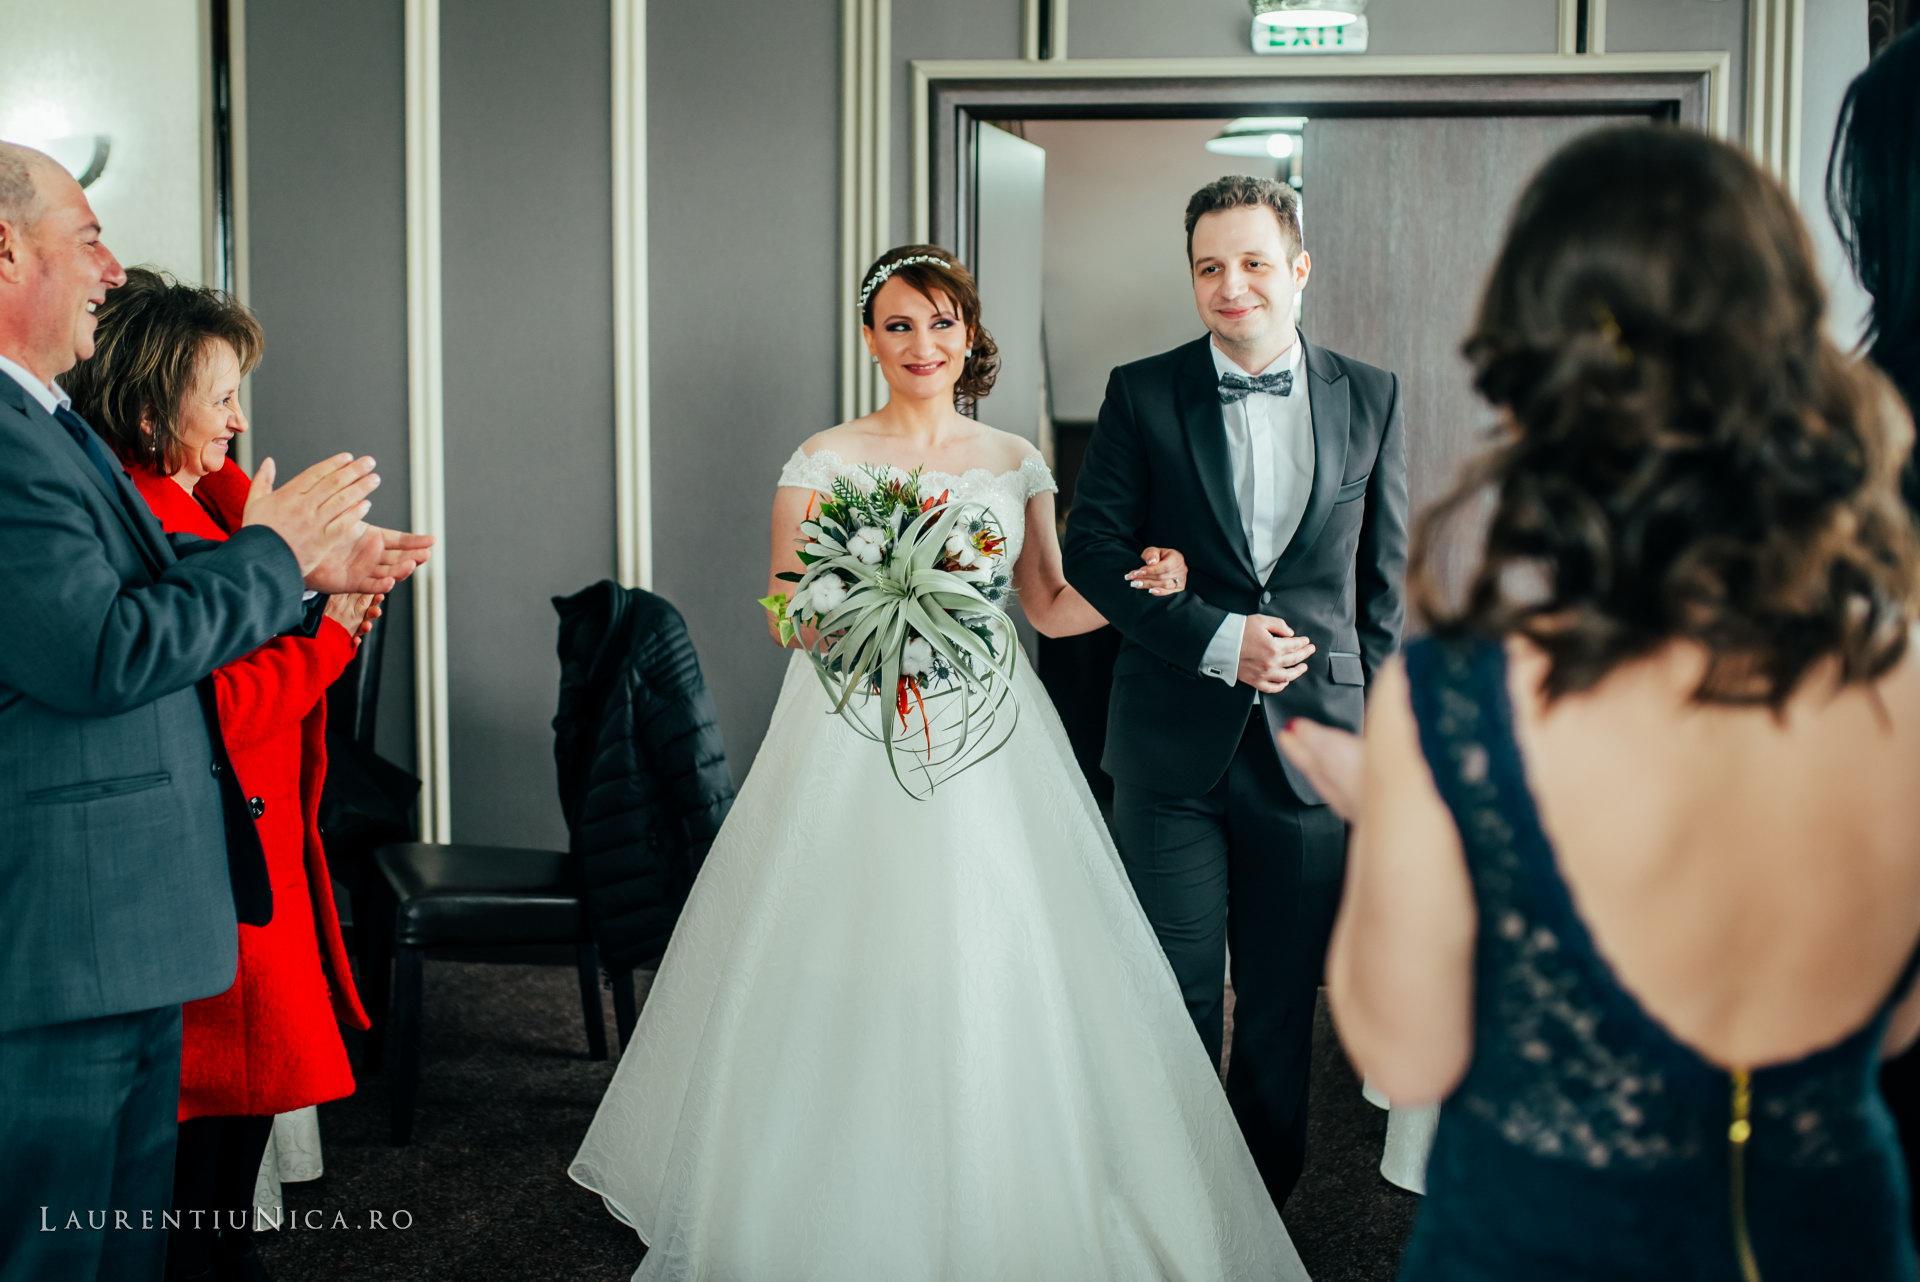 daniela si marius fotografii nunta craiova laurentiu nica12 - Daniela & Marius | Fotografii nunta